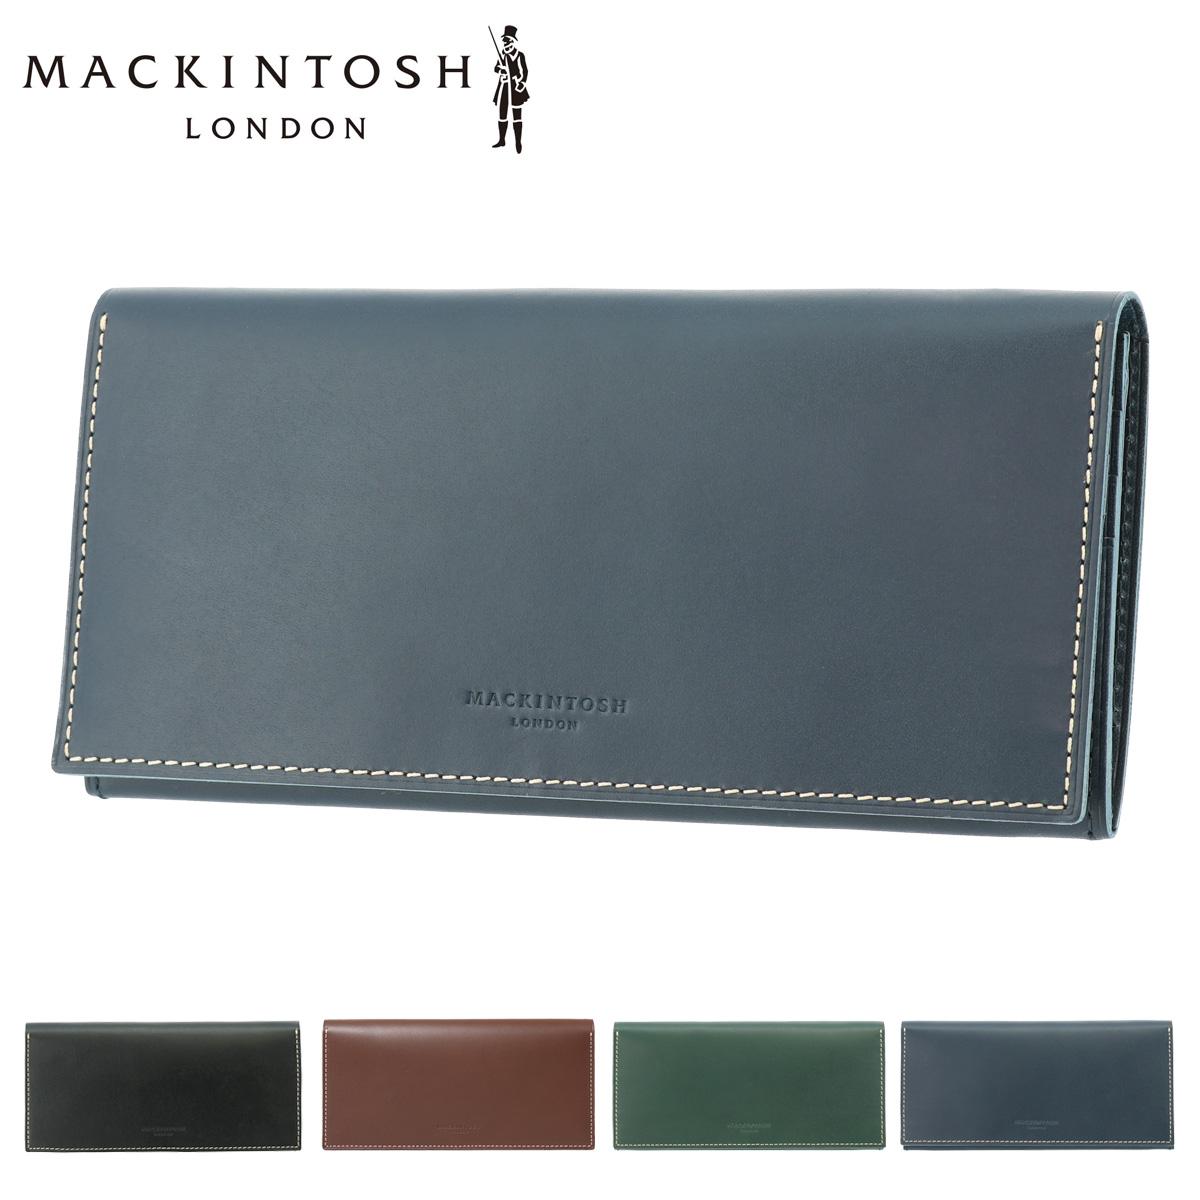 マッキントッシュ ロンドン 長財布 ワン メンズ 60032 MACKINTOSH LONDON | 牛革 本革 レザー[PO5]